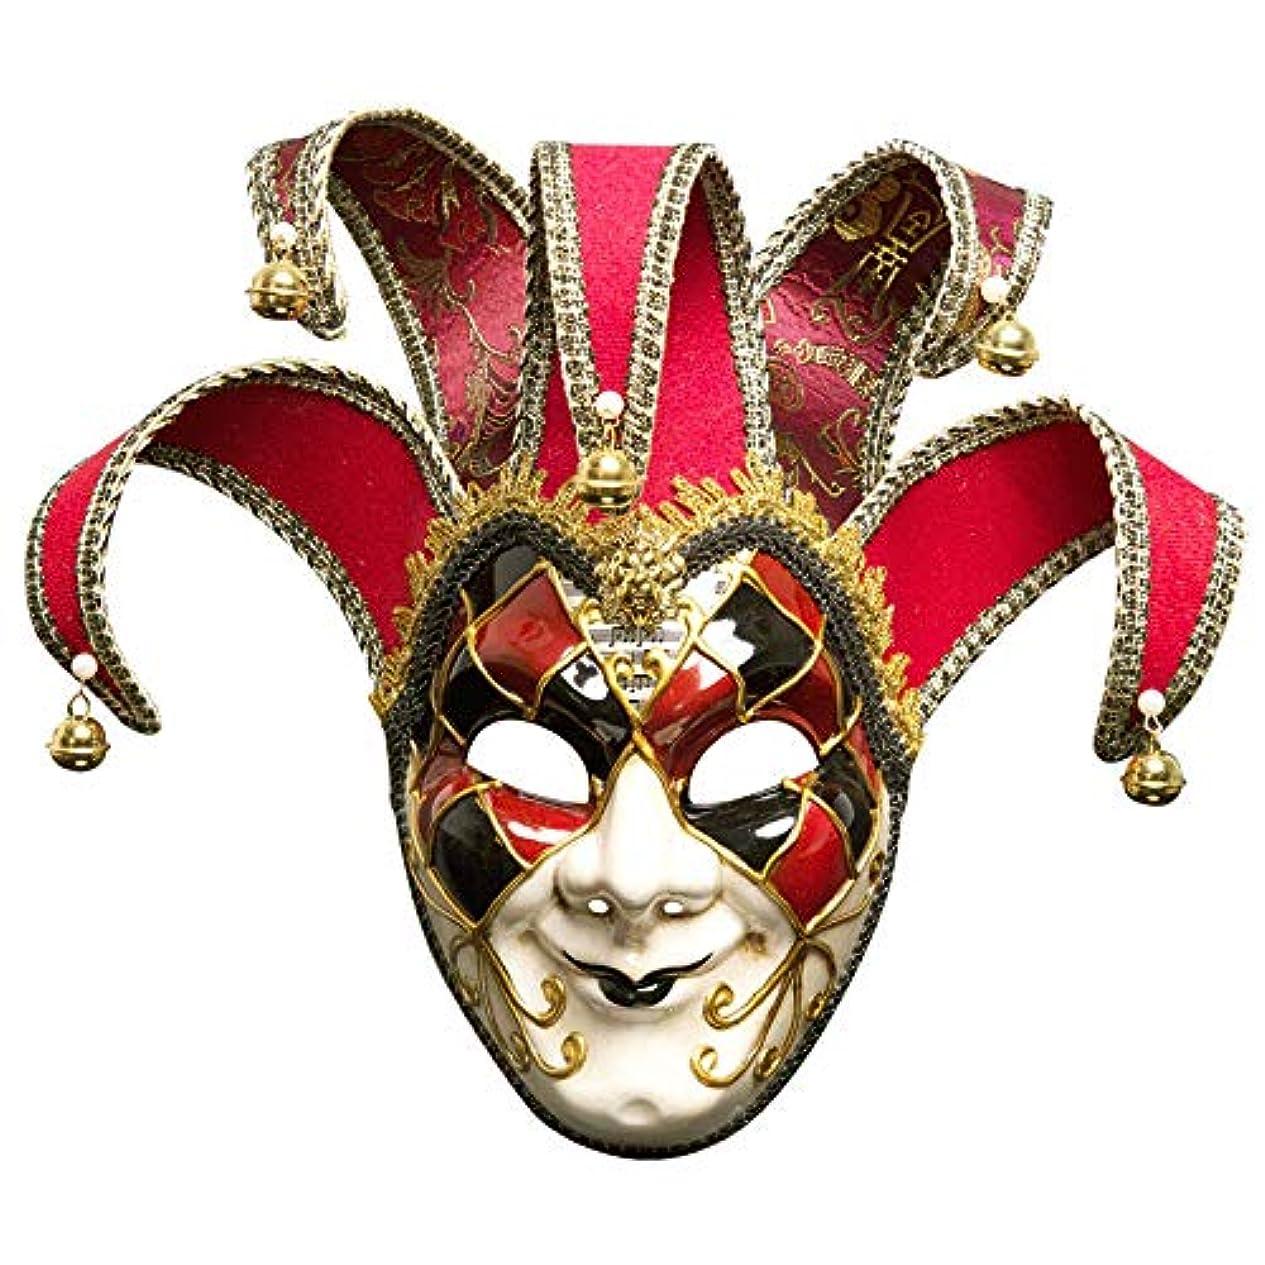 排気おなじみのカブクリスマスのマスクヴィンテージベネチア仮面舞踏会のマスクマルディグラコスチュームアイ?マルディグラコスチュームパーティー17X44cmマスク,赤